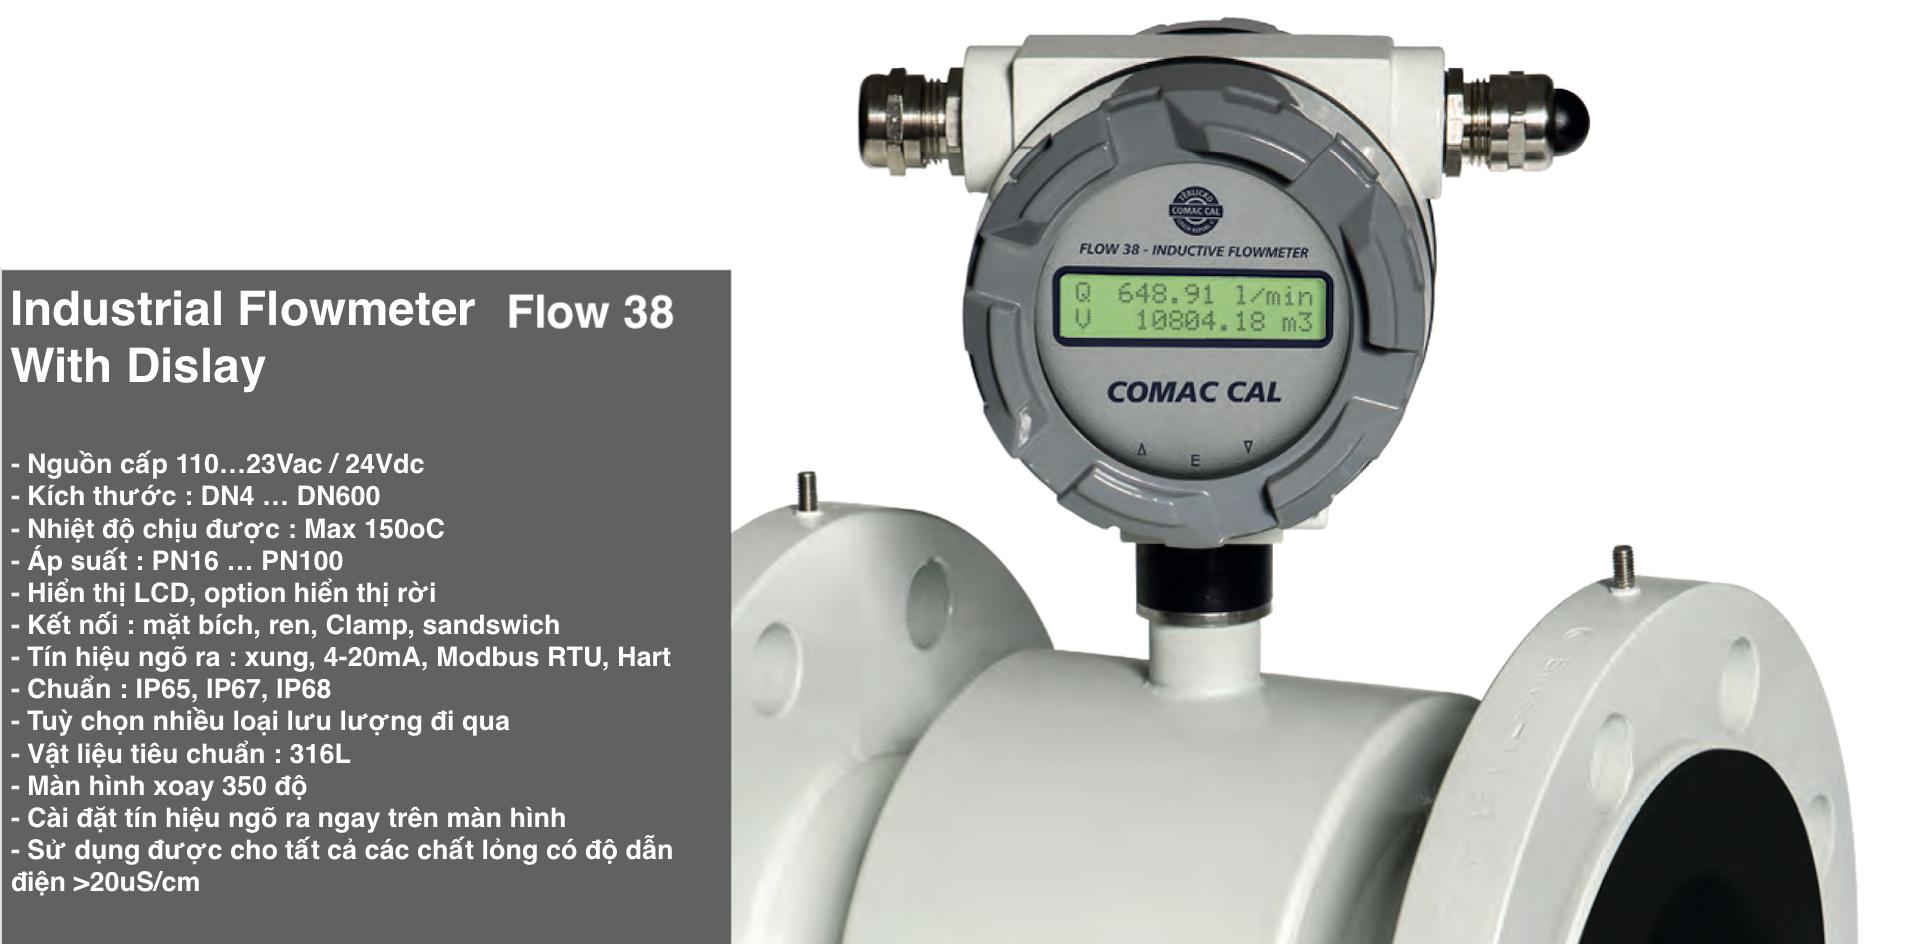 Đồng hồ đo lưu lượng nước nóng | Flow 38 - Comac Cal